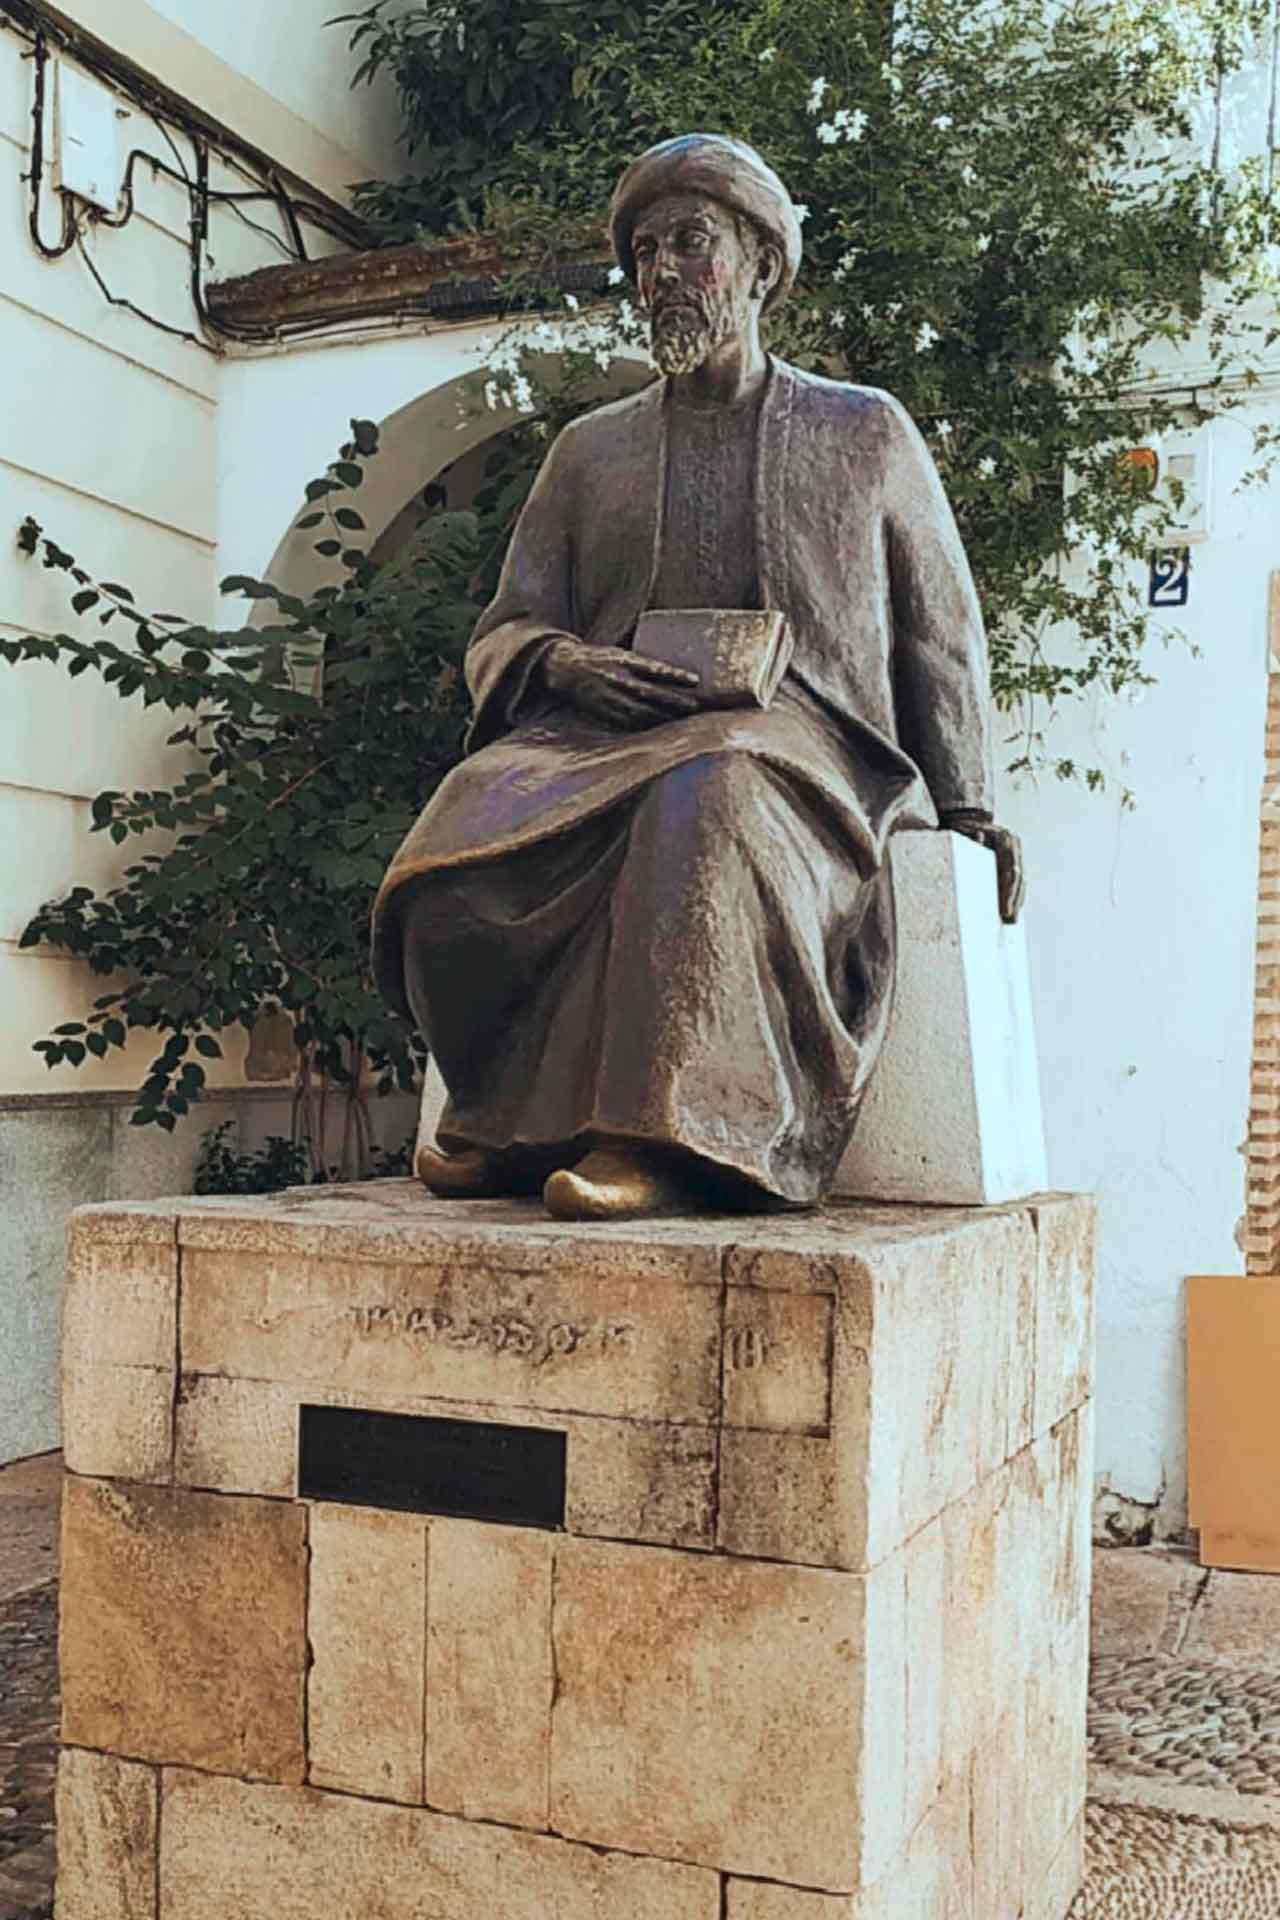 Judería, casco histórico de Córdoba, patrimonio de la humanidad   Jewish quarter, historic center of Córdoba, World Heritage Site   Juiverie, Vieux Quartier, Patrimoine de l'Humanité